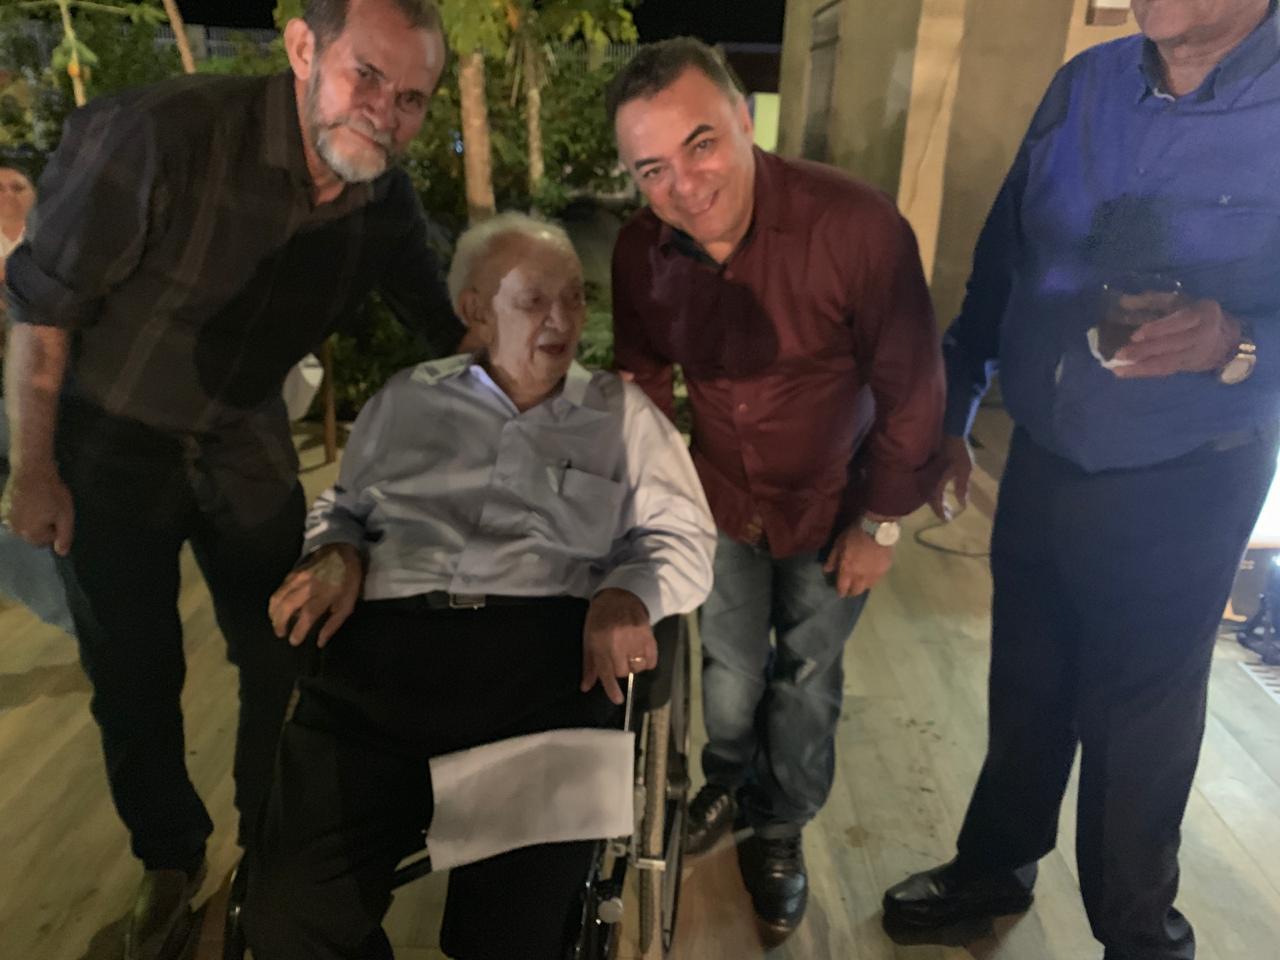 WhatsApp Image 2019 09 22 at 10.04.39 2 - Políticos e empresários comemoram os 90 anos de Zé Cavalcanti, em Cajazeiras - VEJA FOTOS E VÍDEOS